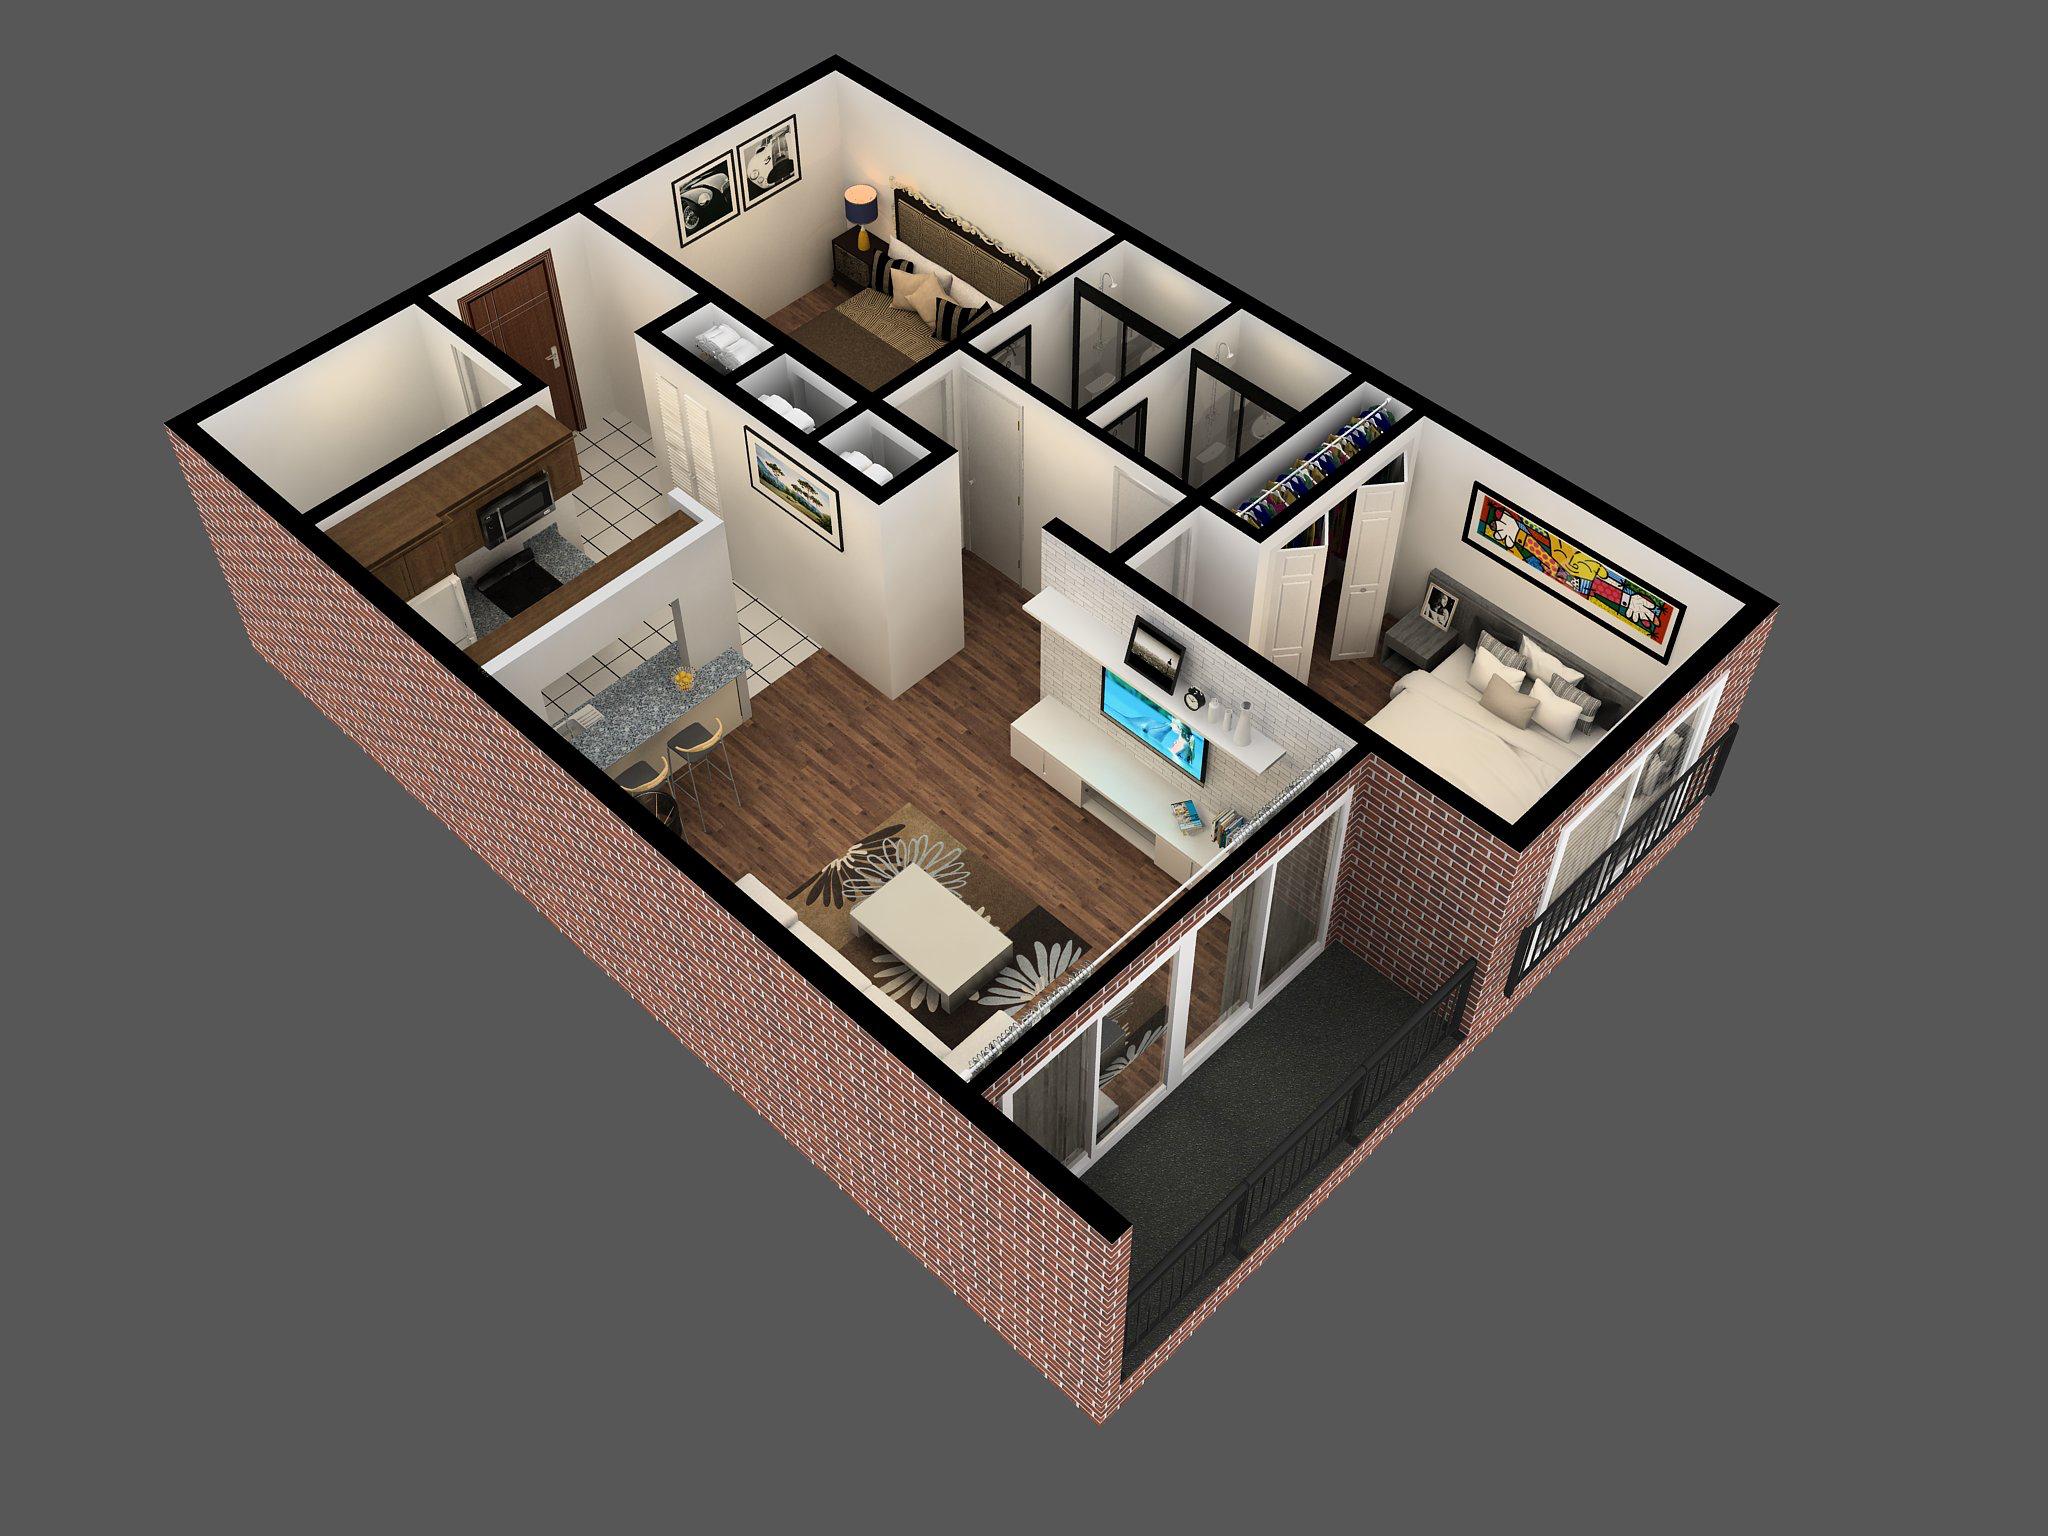 2 Bedroom Bath Apartments